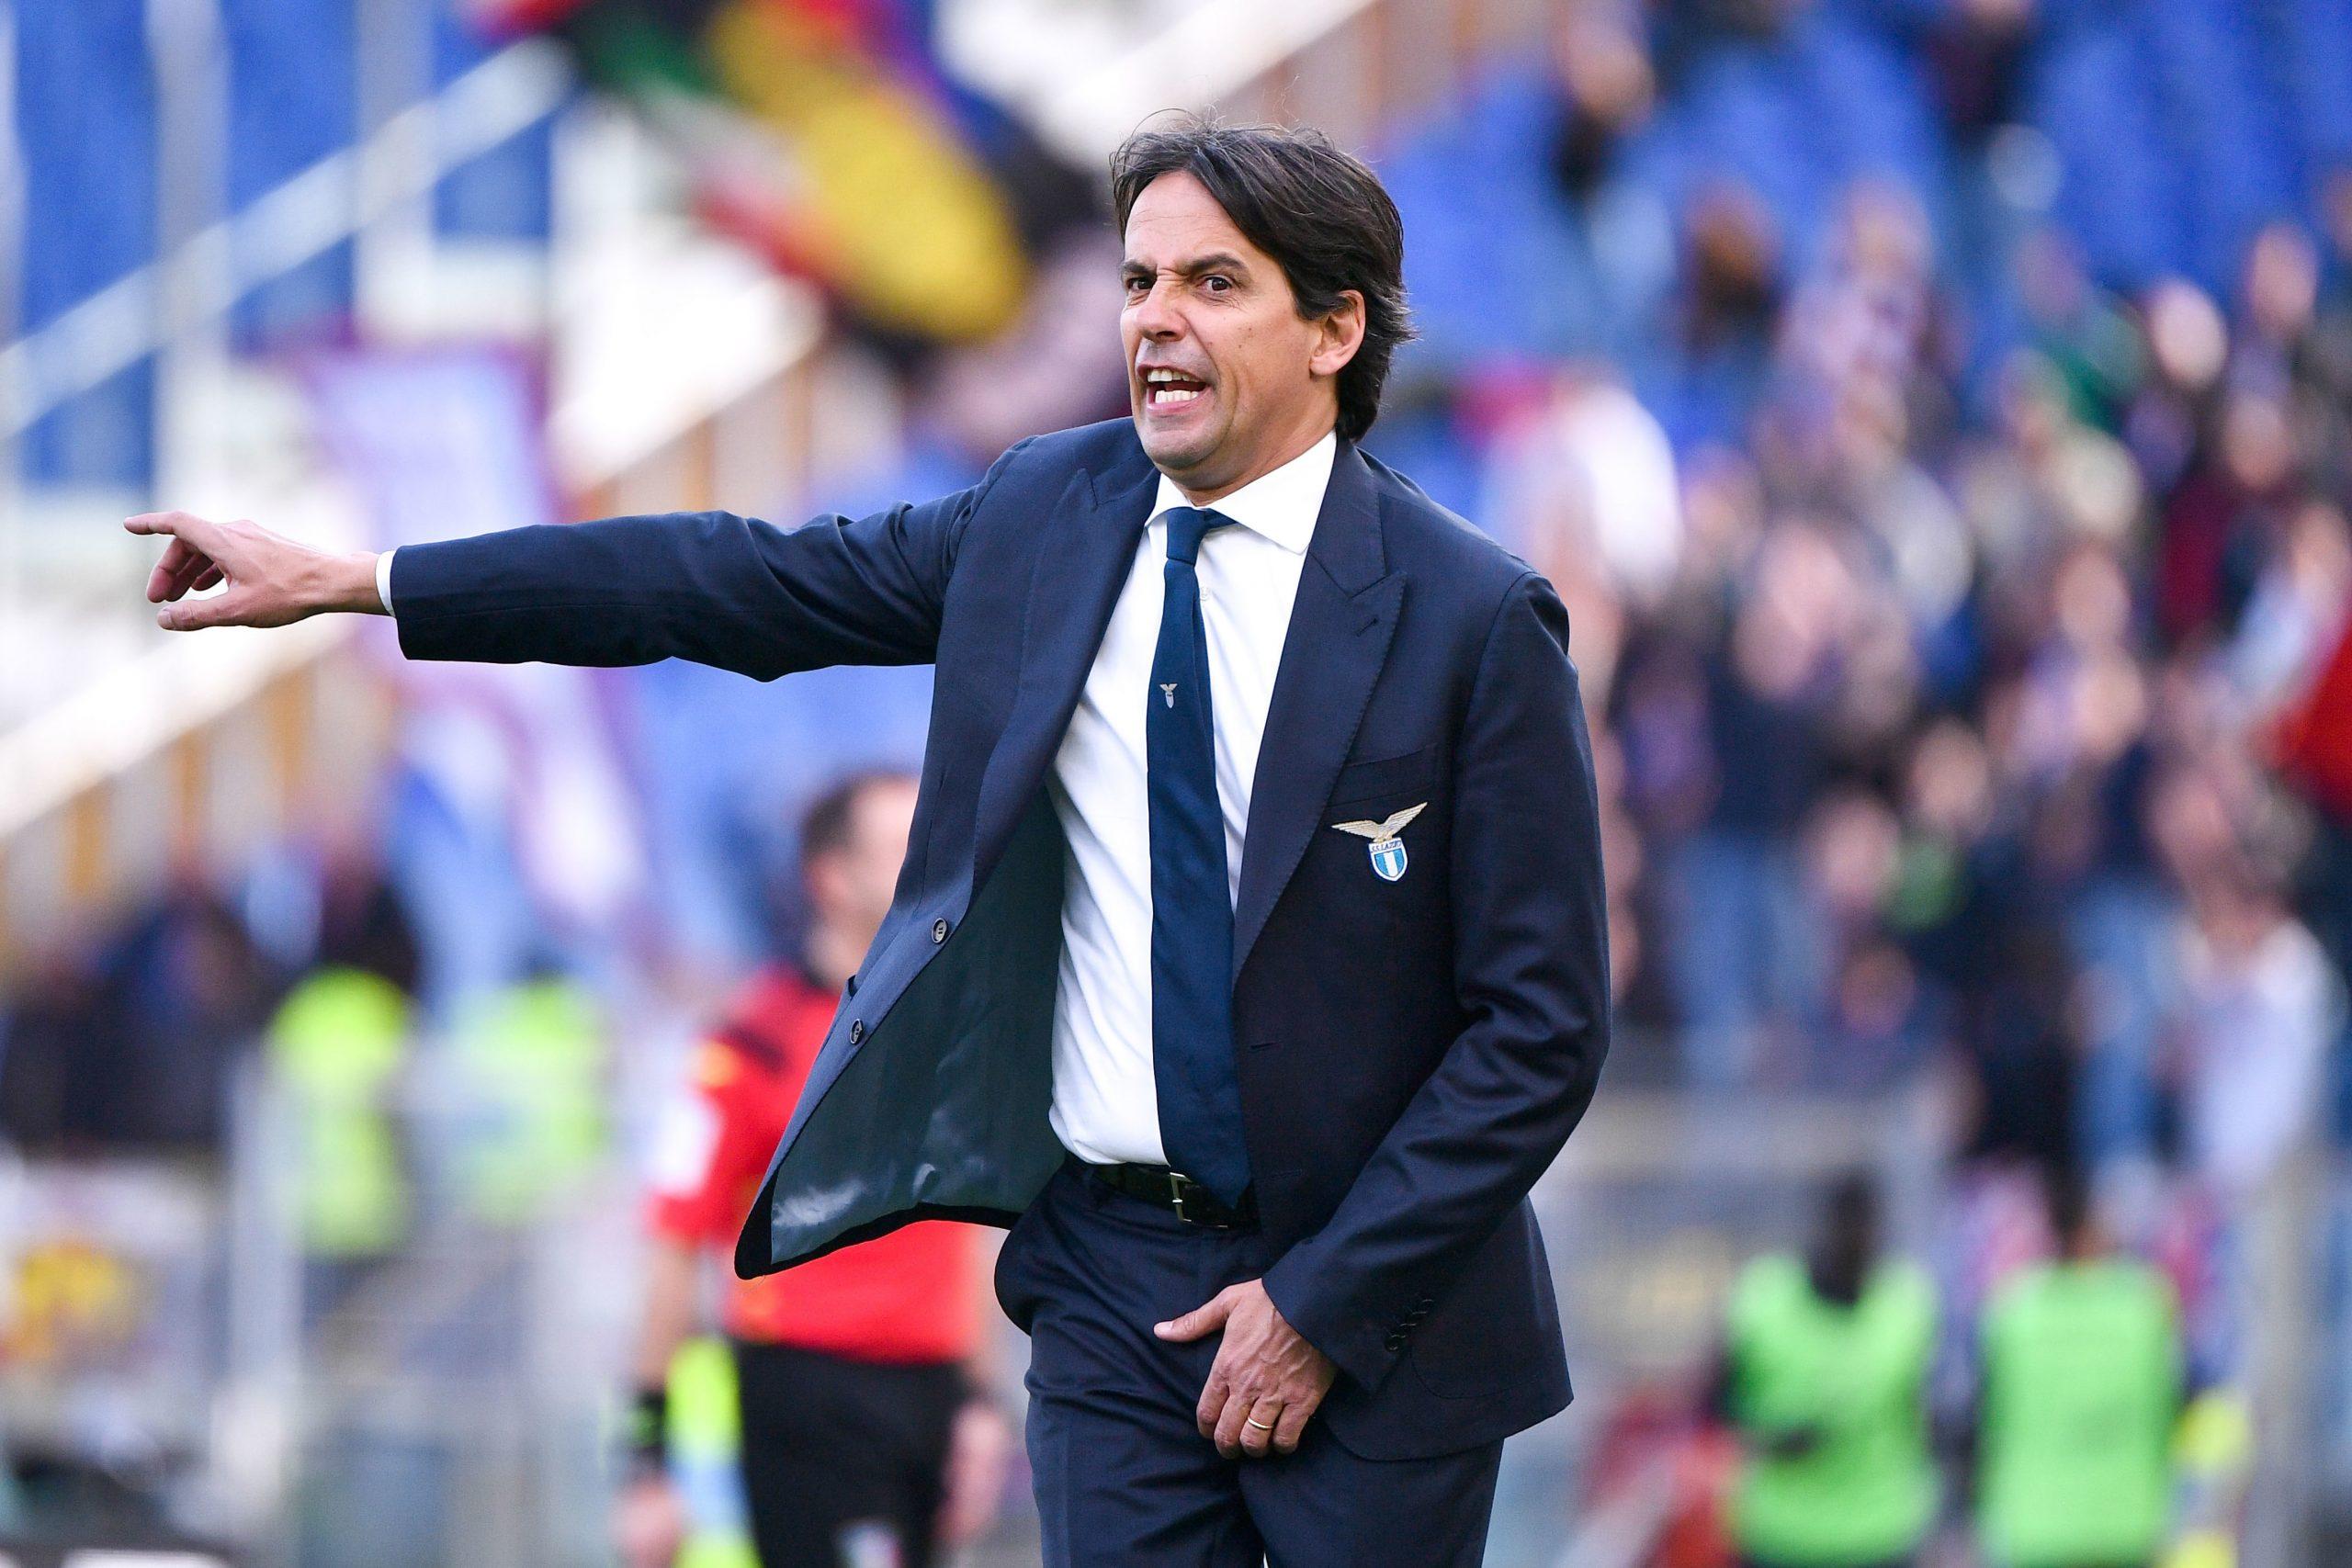 Mercato - Le PSG cité parmi les clubs intéressés par Simone Inzaghi, la Lazio voudrait le prolonger